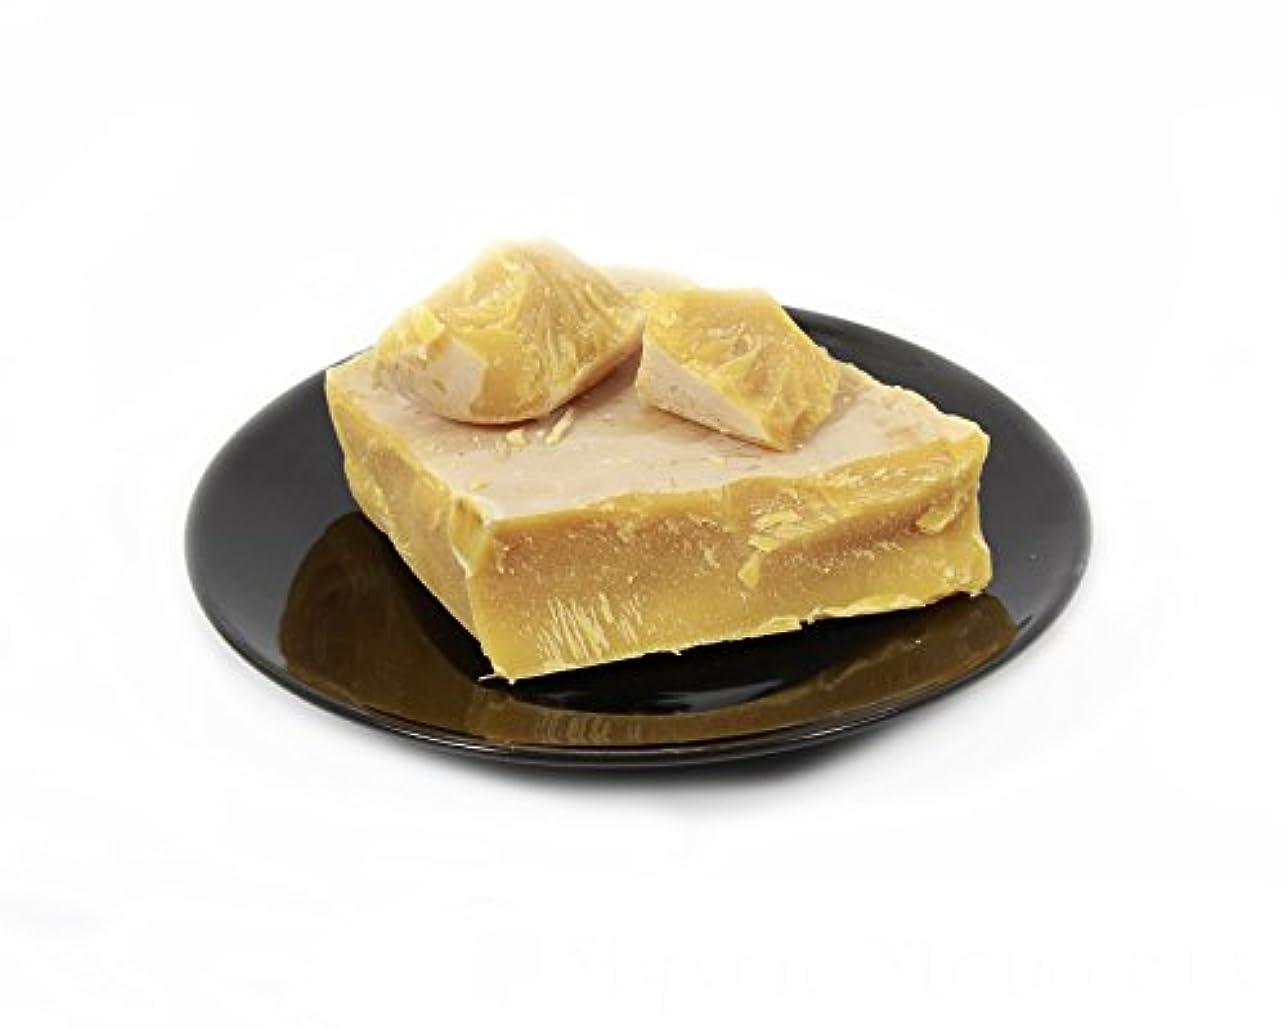 はさみパネル引退したBeeswax Block Purified Yellow (100% Natural) - 1Kg